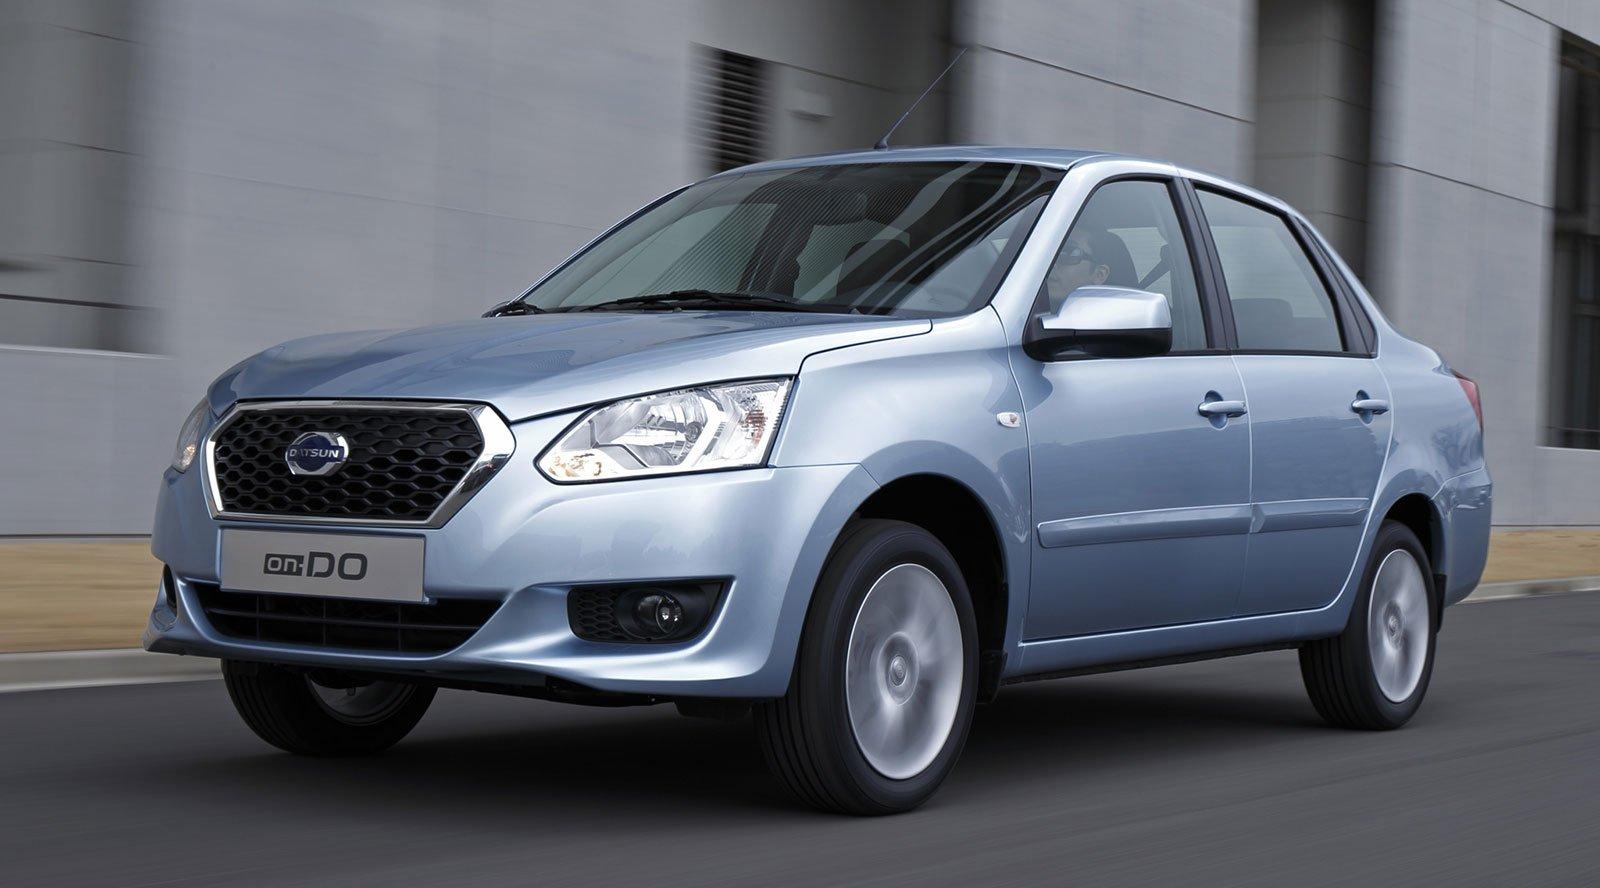 Ксередине зимы Datsun увеличила продажи вРФ на14,1%